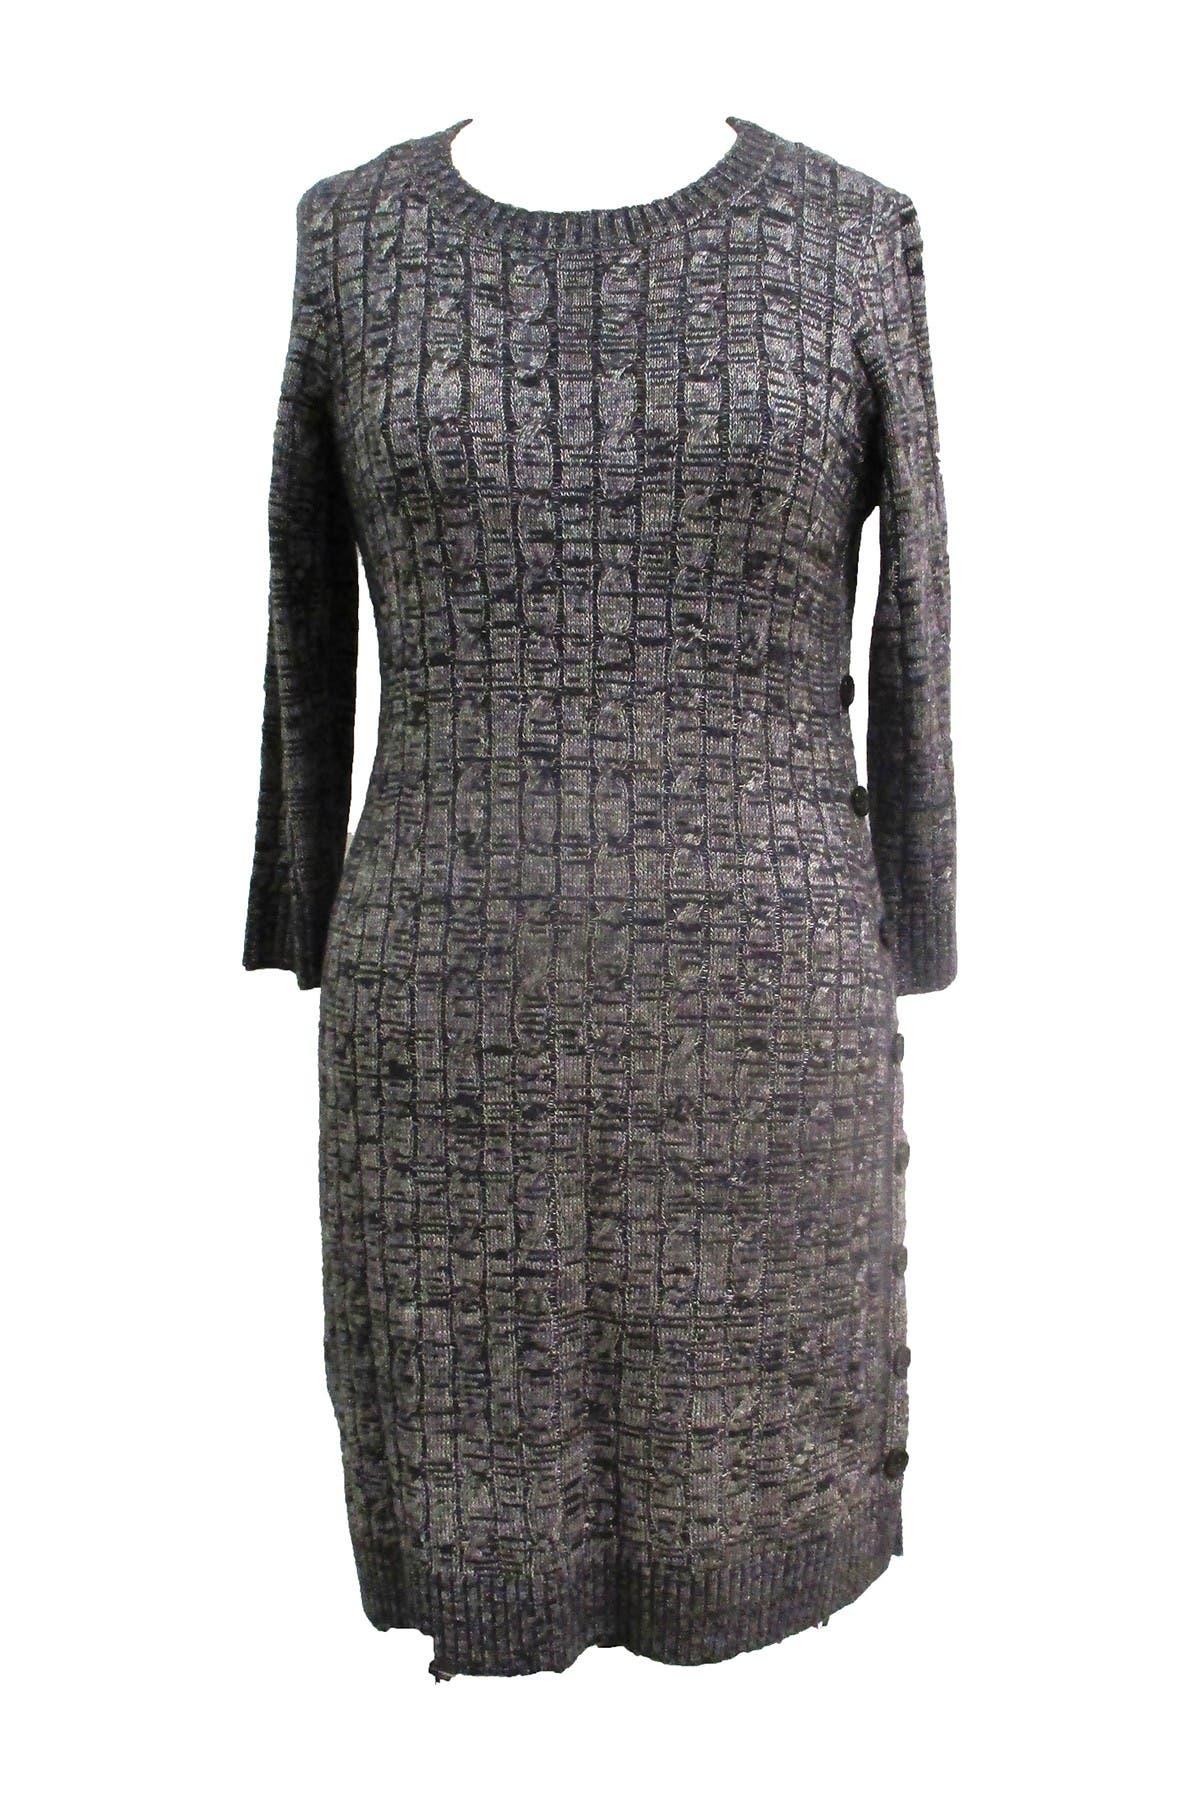 Image of Sandra Darren Scoop Neck 3/4 Sleeve Sweater Dress